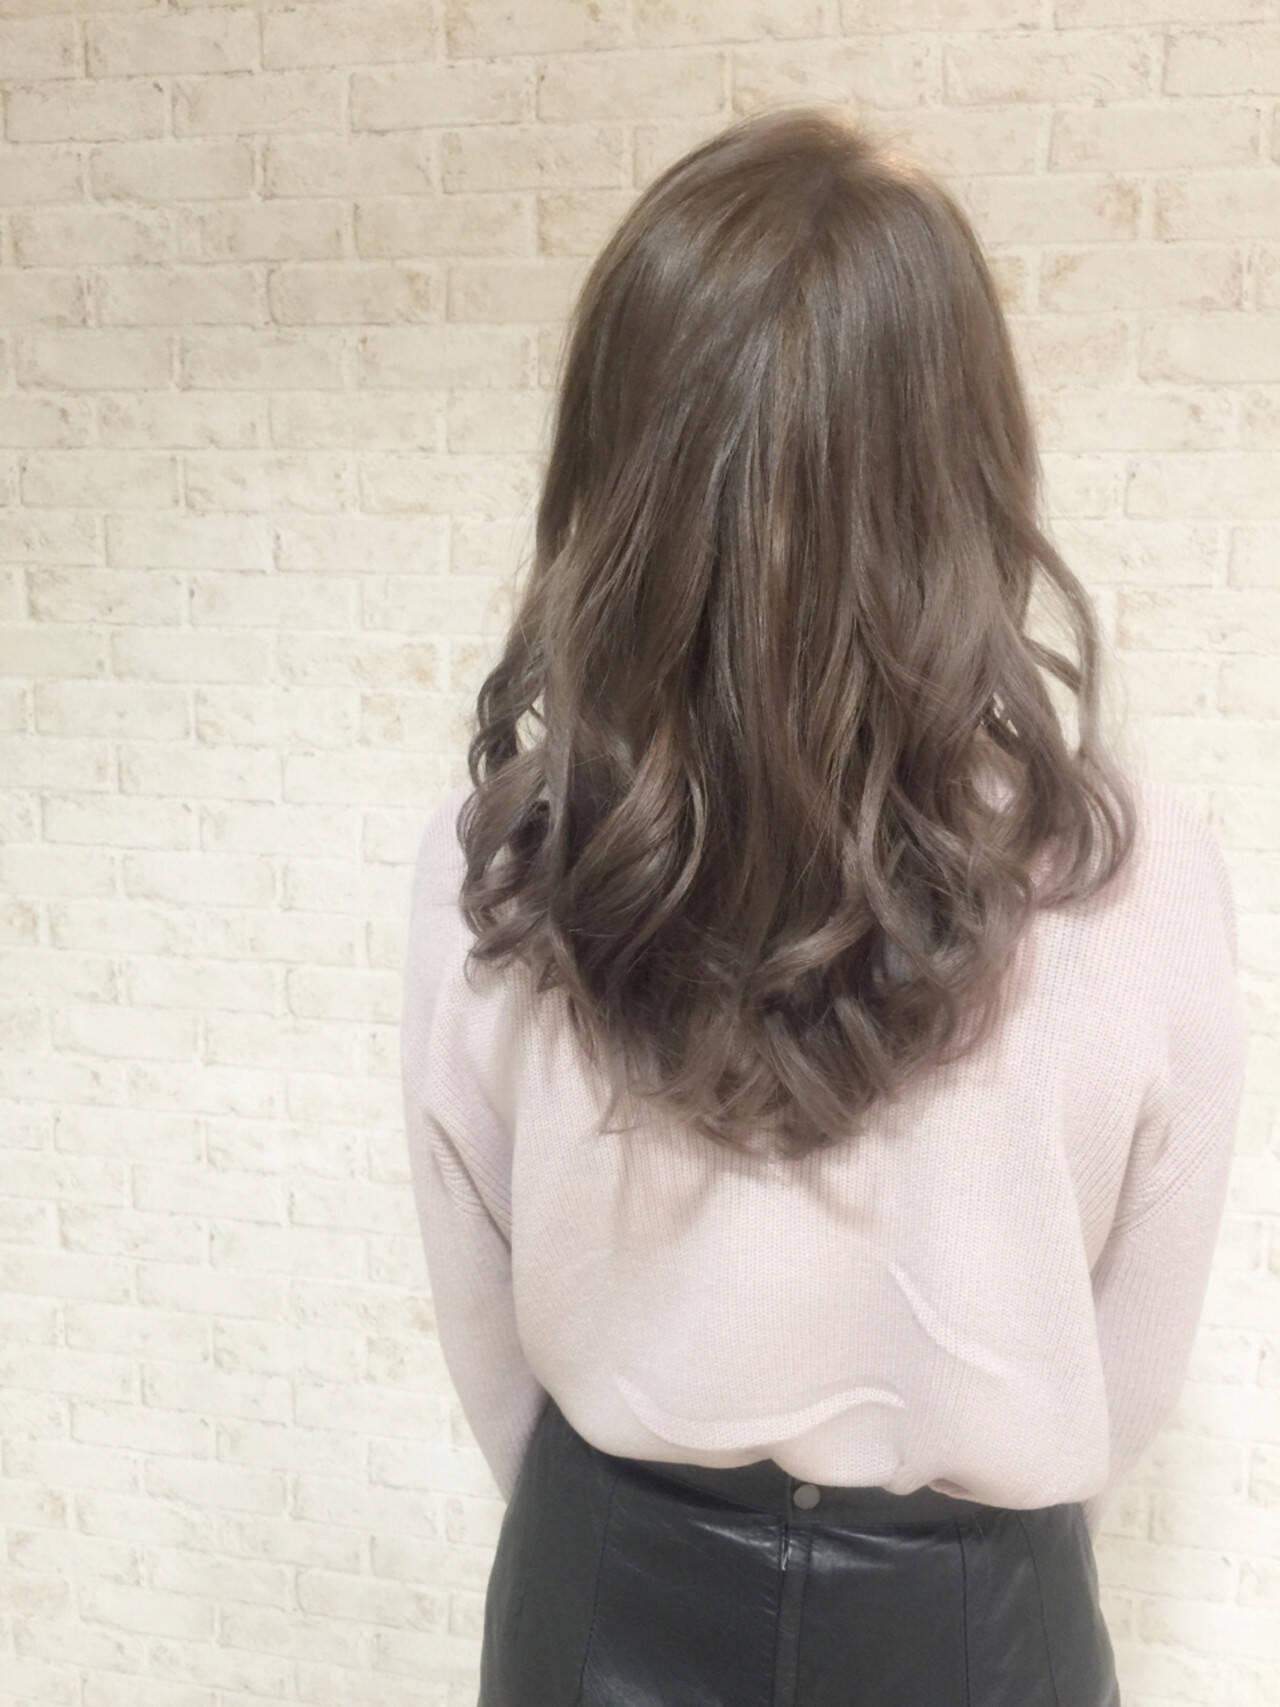 グレージュ ミディアム アッシュ アッシュグレージュヘアスタイルや髪型の写真・画像